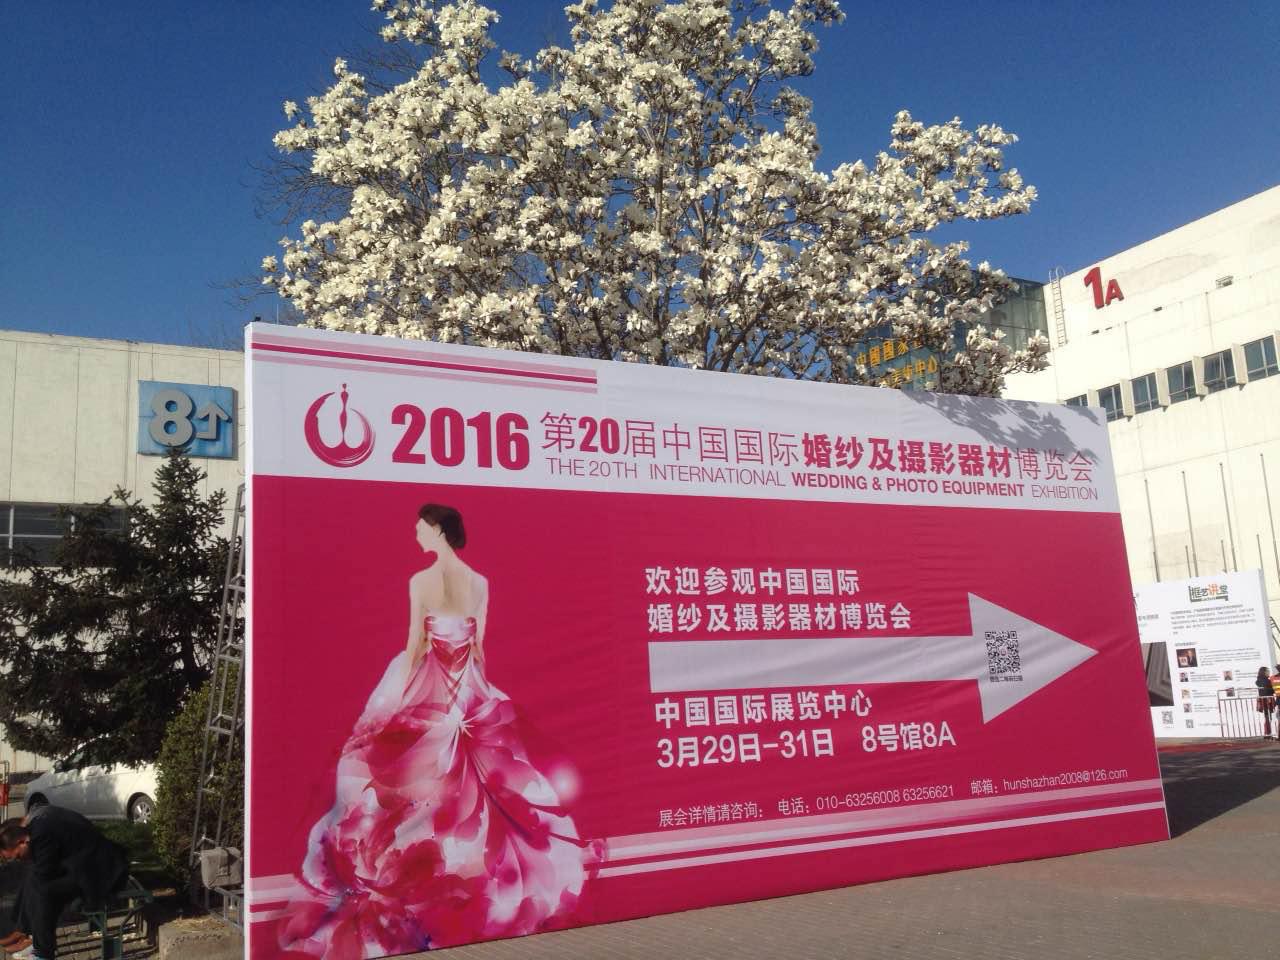 第21届中国国际婚纱及摄影器材博览会盛大开幕